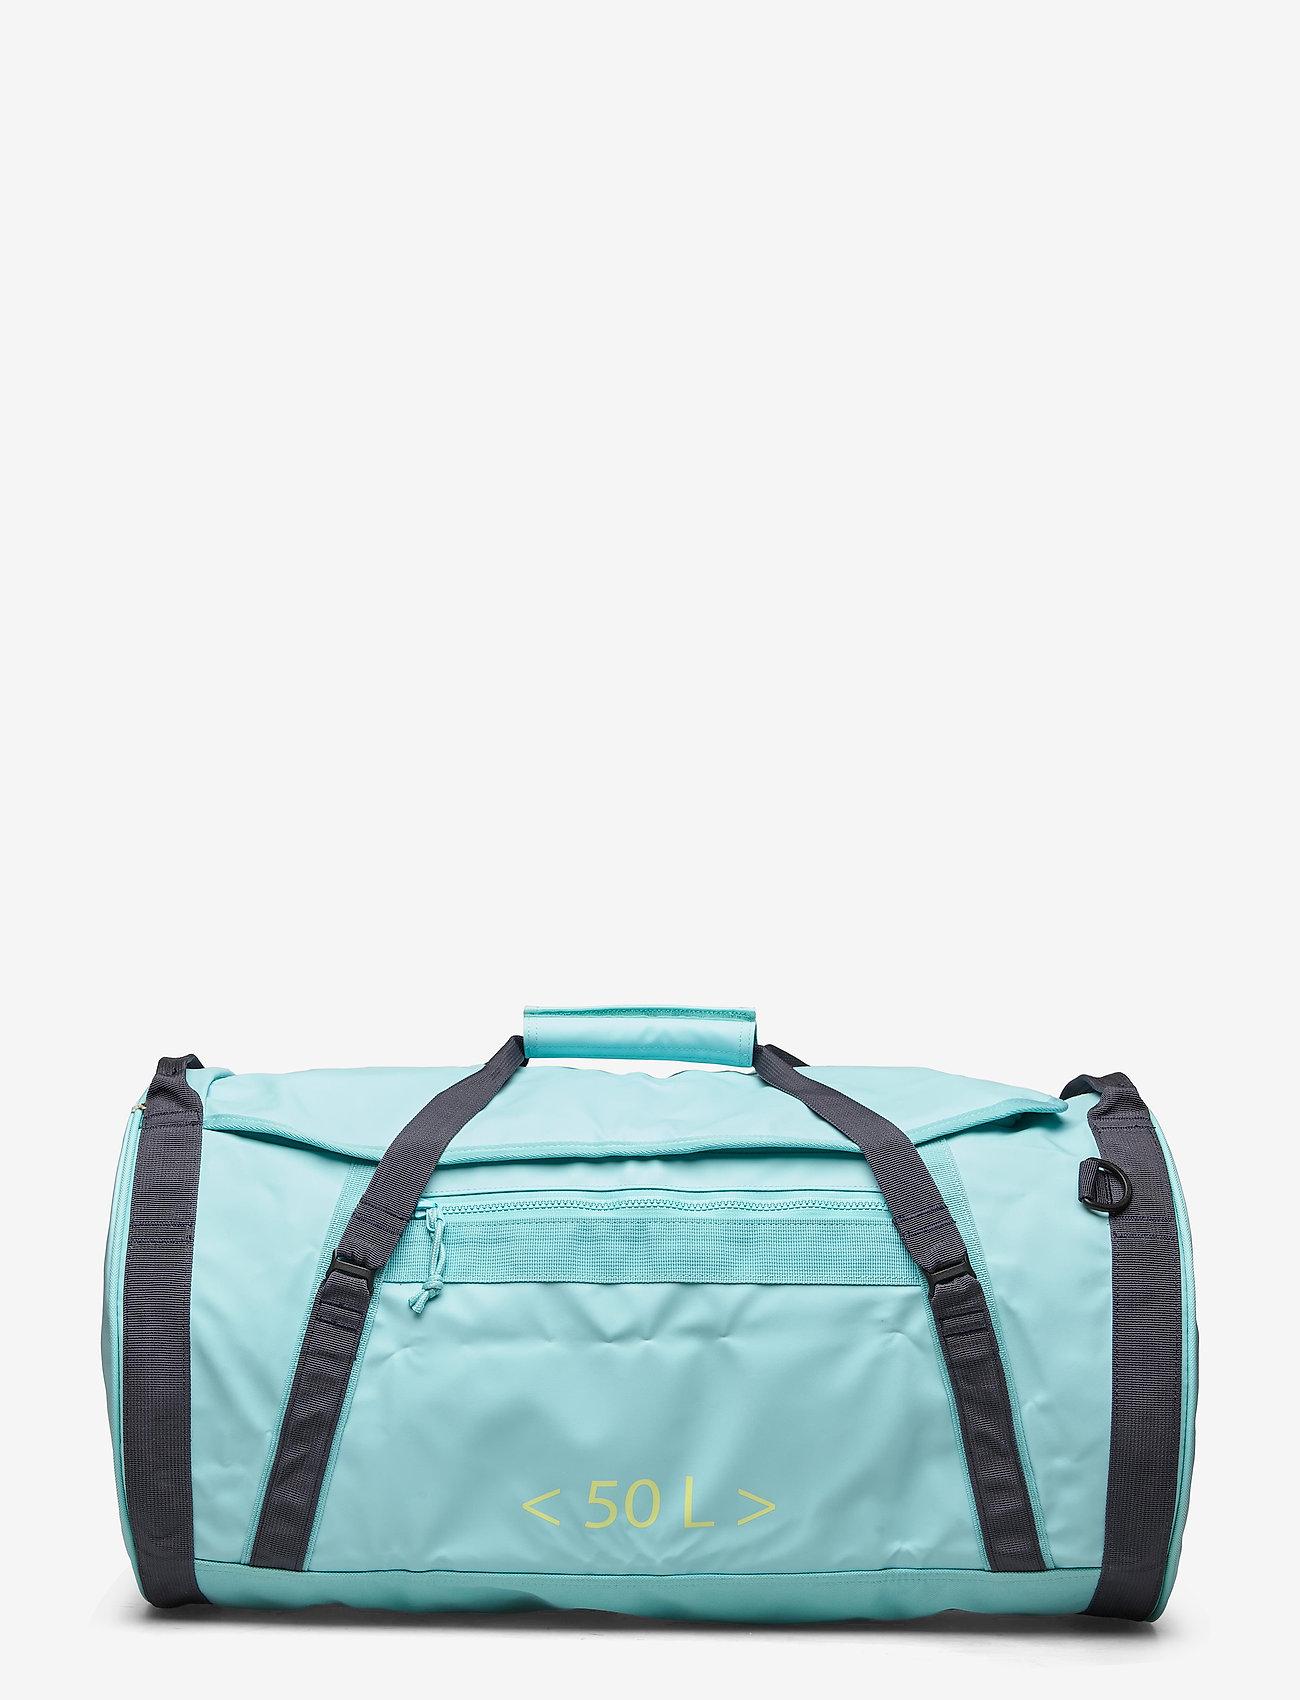 Helly Hansen - HH DUFFEL BAG 2 50L - sacs d'entraînement - glacier blue / graphite bl - 1